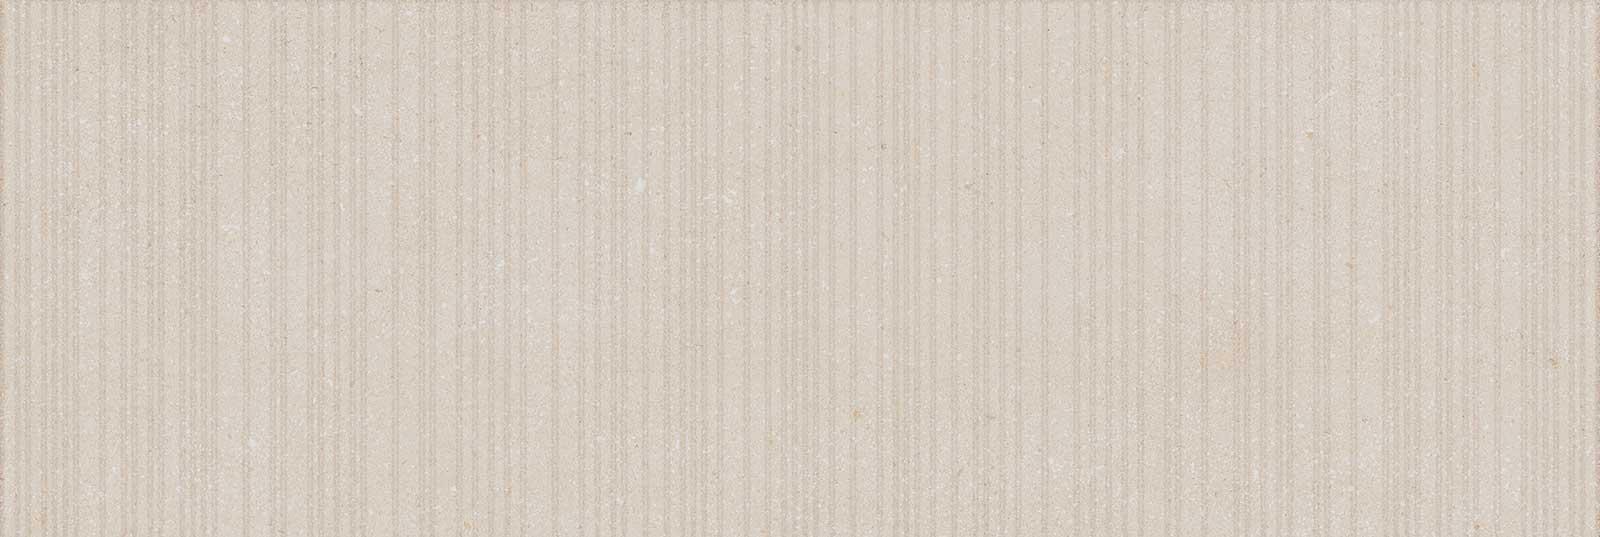 RLV LINEE TOSCANA WALL IVORY MATT 20X60